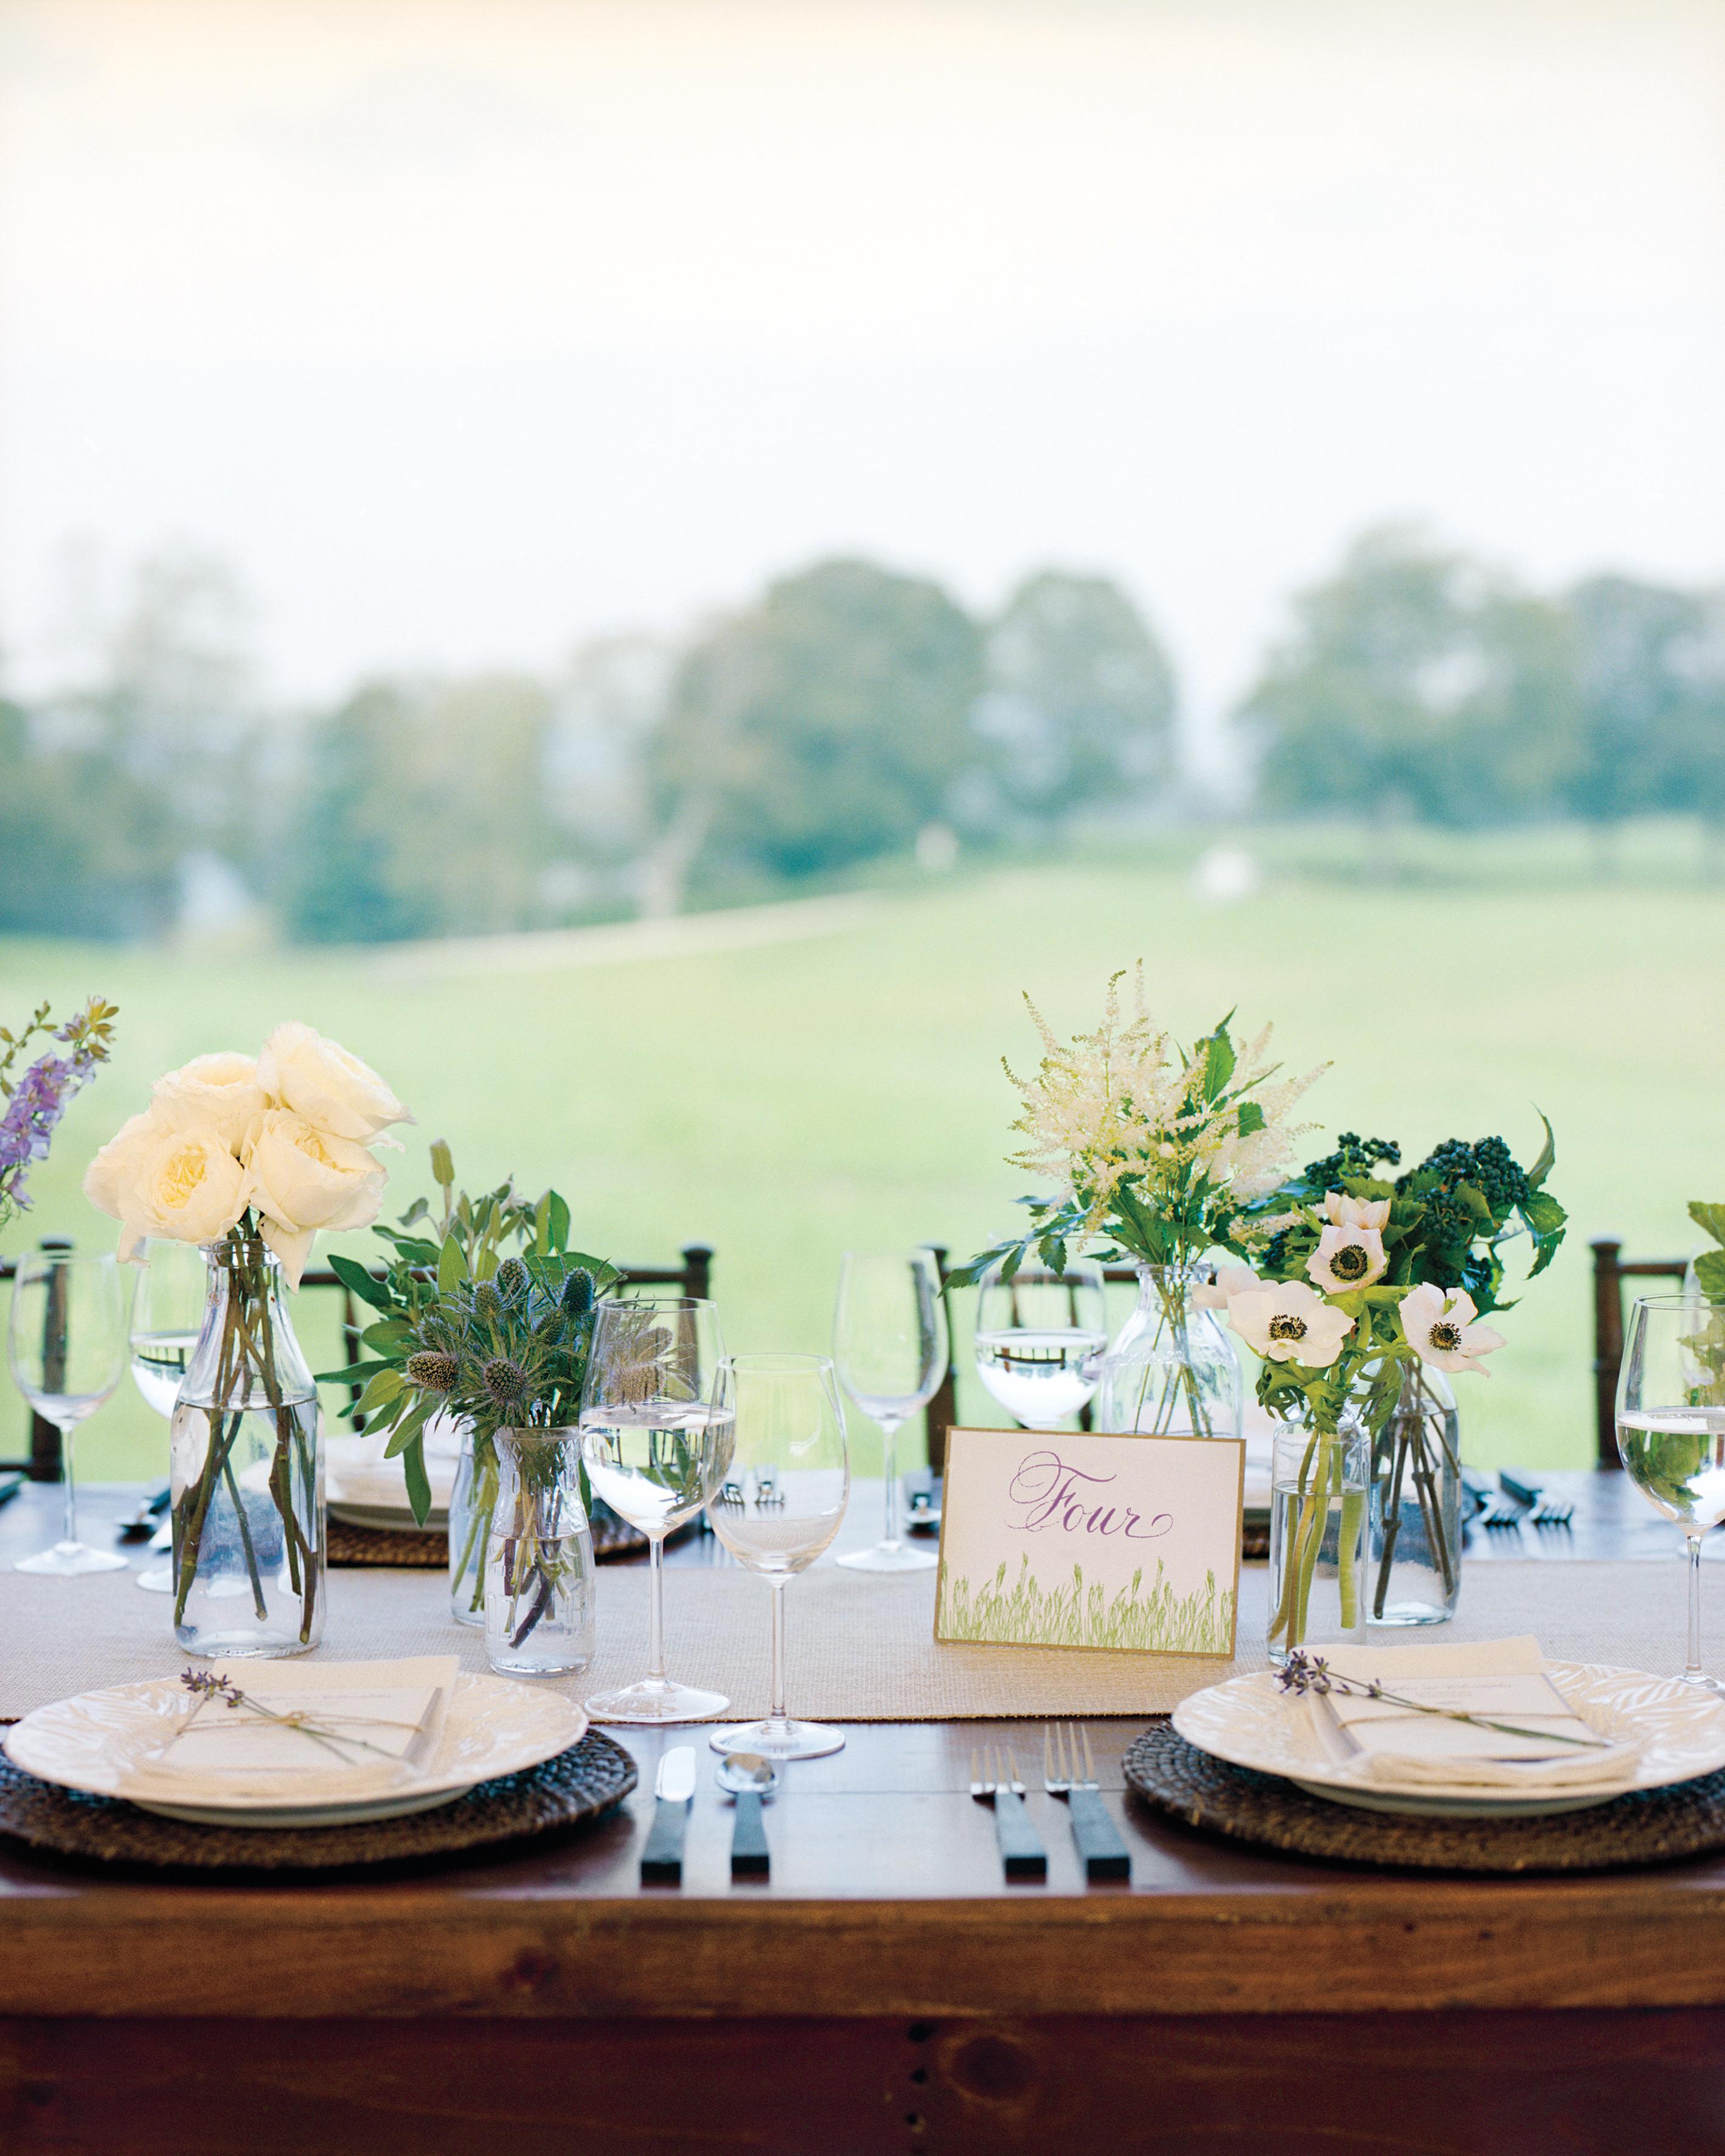 table-mwd107926.jpg